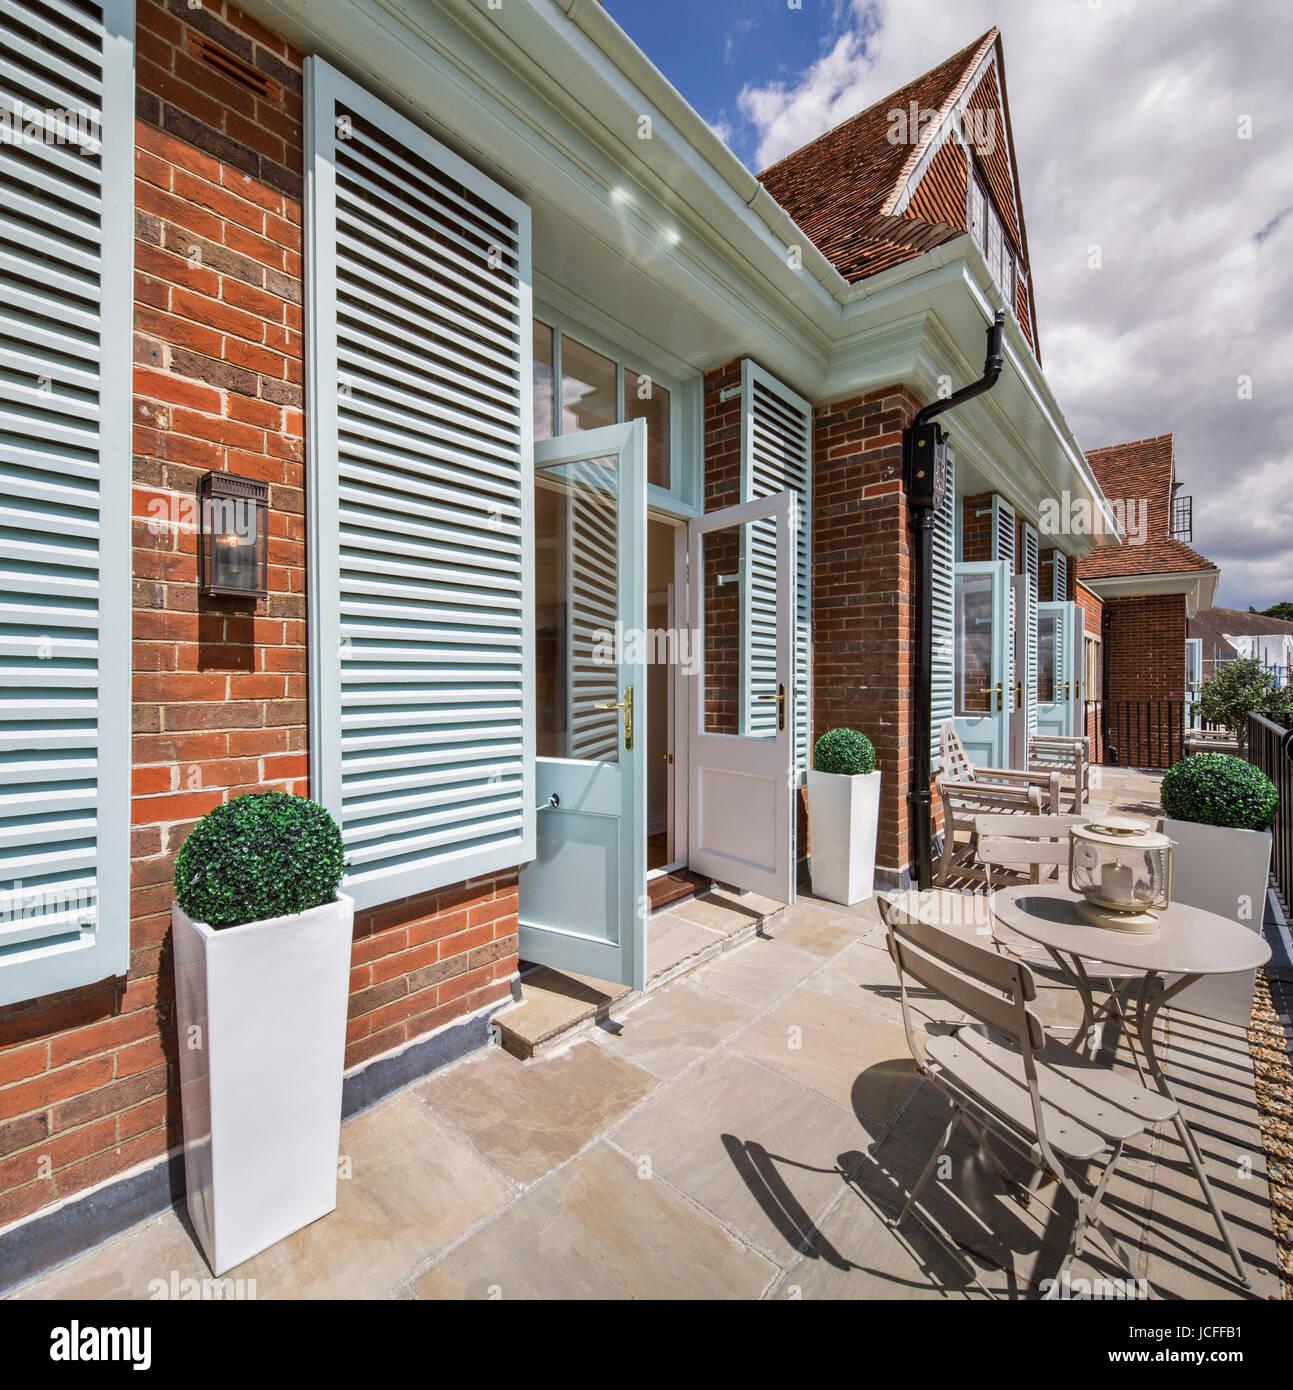 Wohnung Terrasse. König Edward VII Estate Apartments, Midhurst, Vereinigtes  Königreich. Architekt: Stadt U0026 Land Entwickler, 2016.